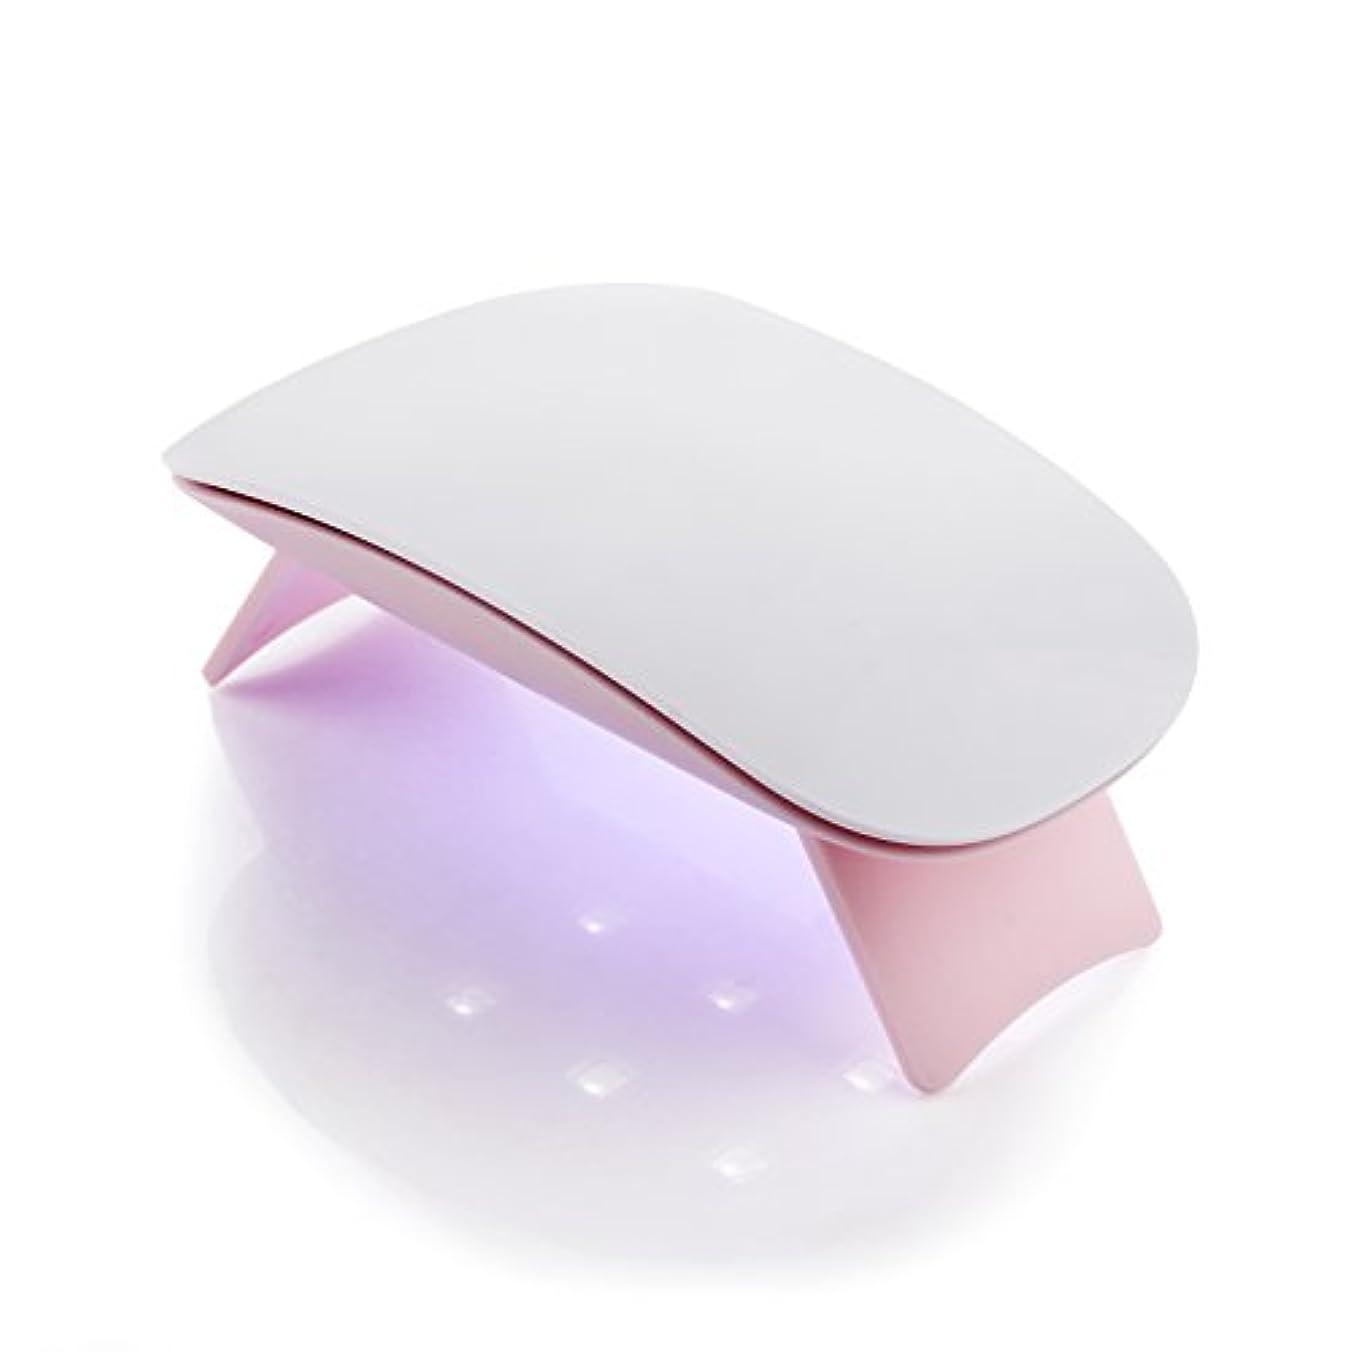 黙認するトランジスタシルエットMakartt 6W UV ジェルネイルLEDライト  超ミニ USB式ネイルドライヤー ネイル硬化用ライト 赤外線検知